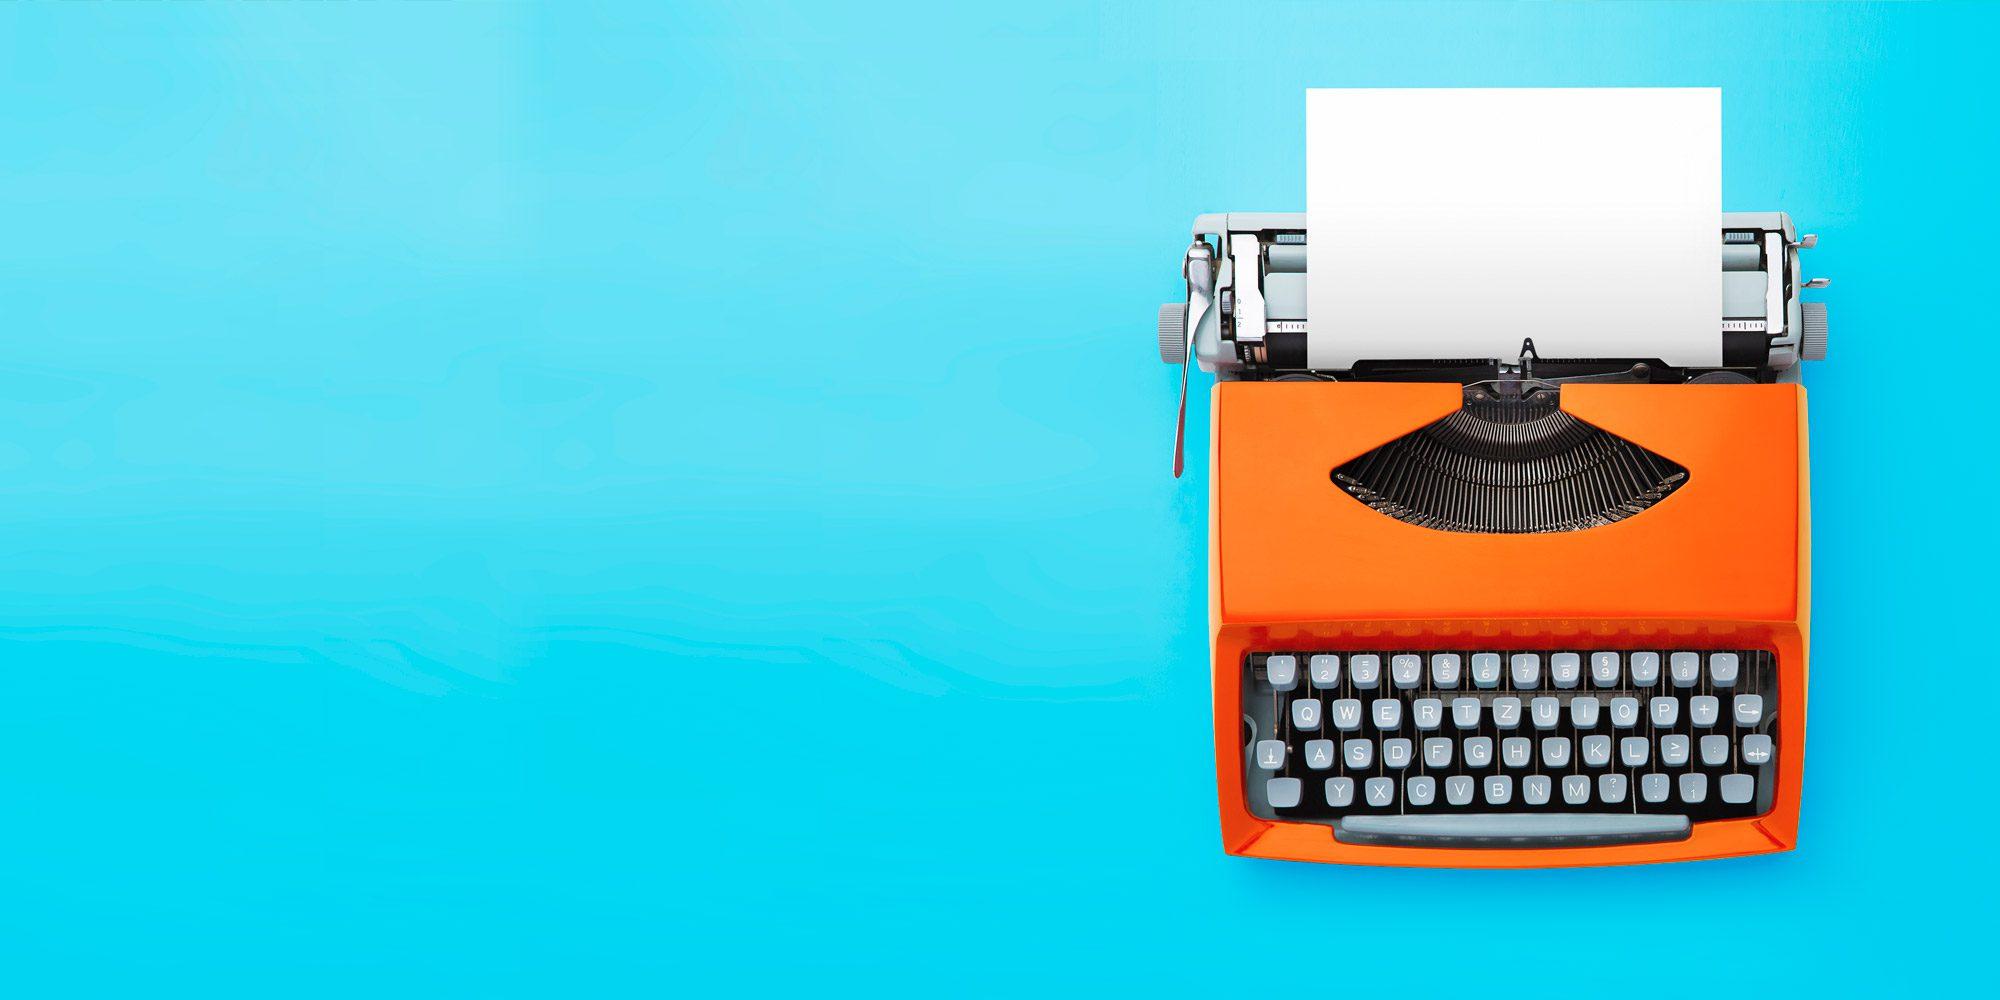 Hoe je een onweerstaanbare titel schrijft voor je boek